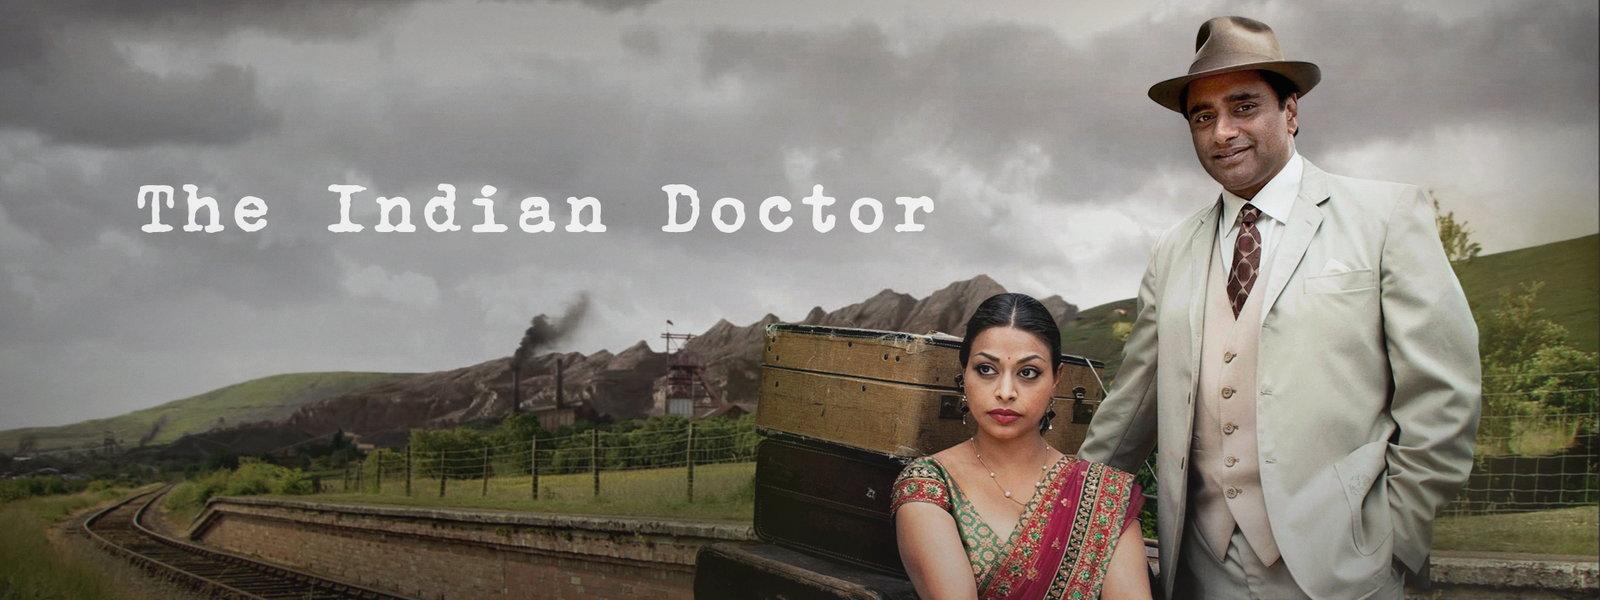 Wunderbar Indische Doktorzusammenfassung Bilder - Beispiel Business ...